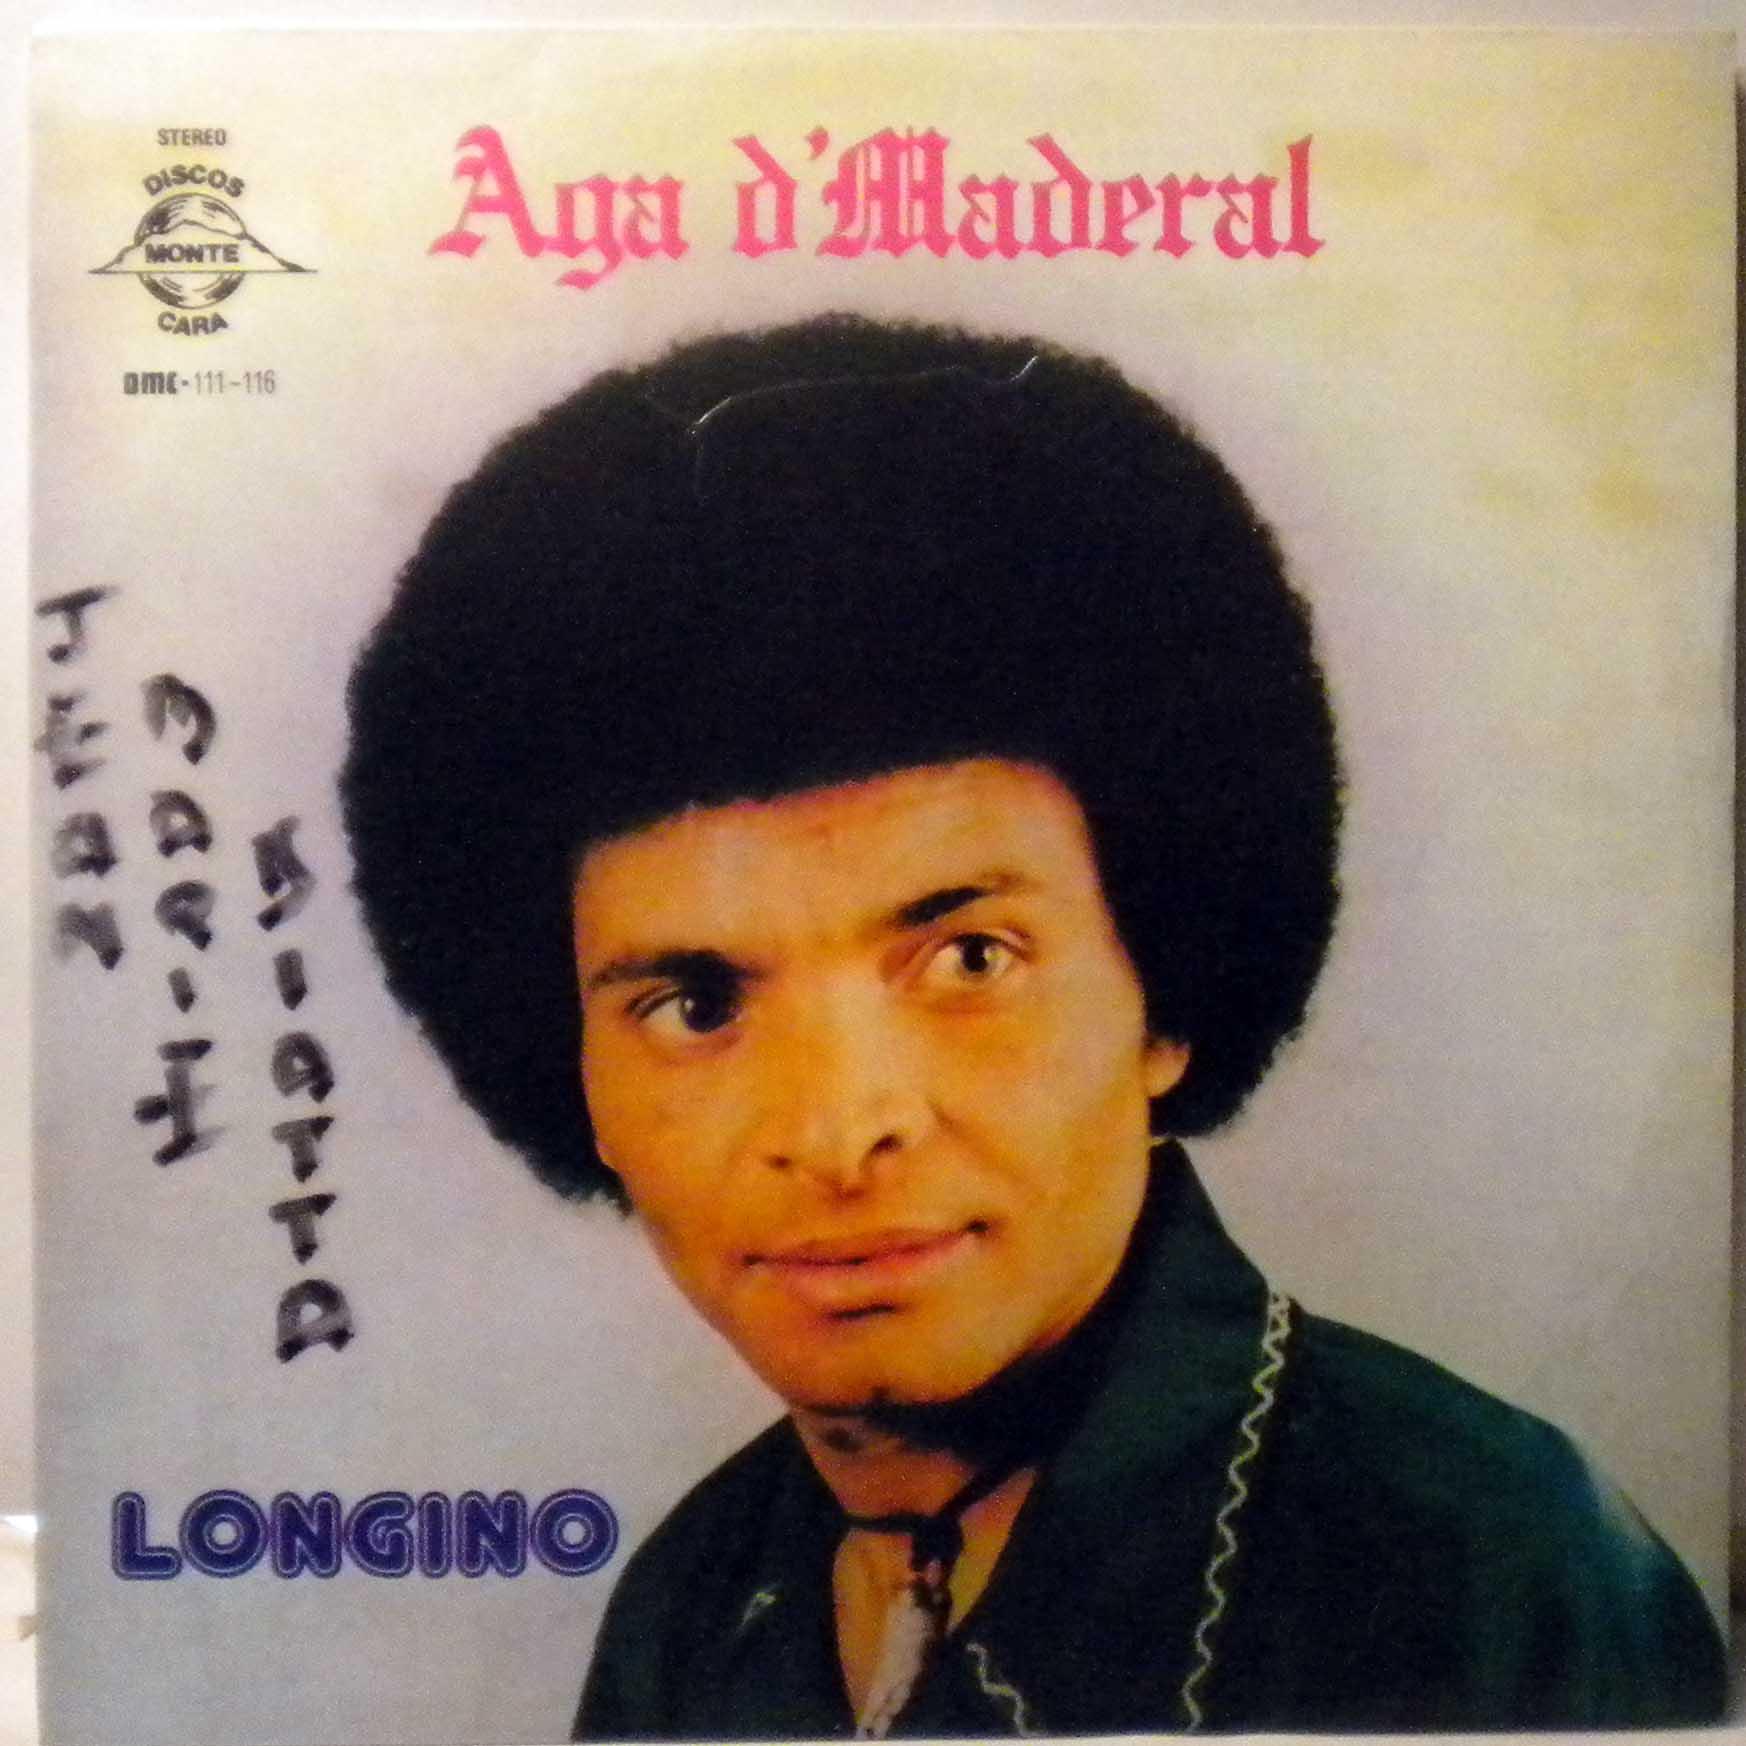 LONGINO - Aga d'Maderal - LP